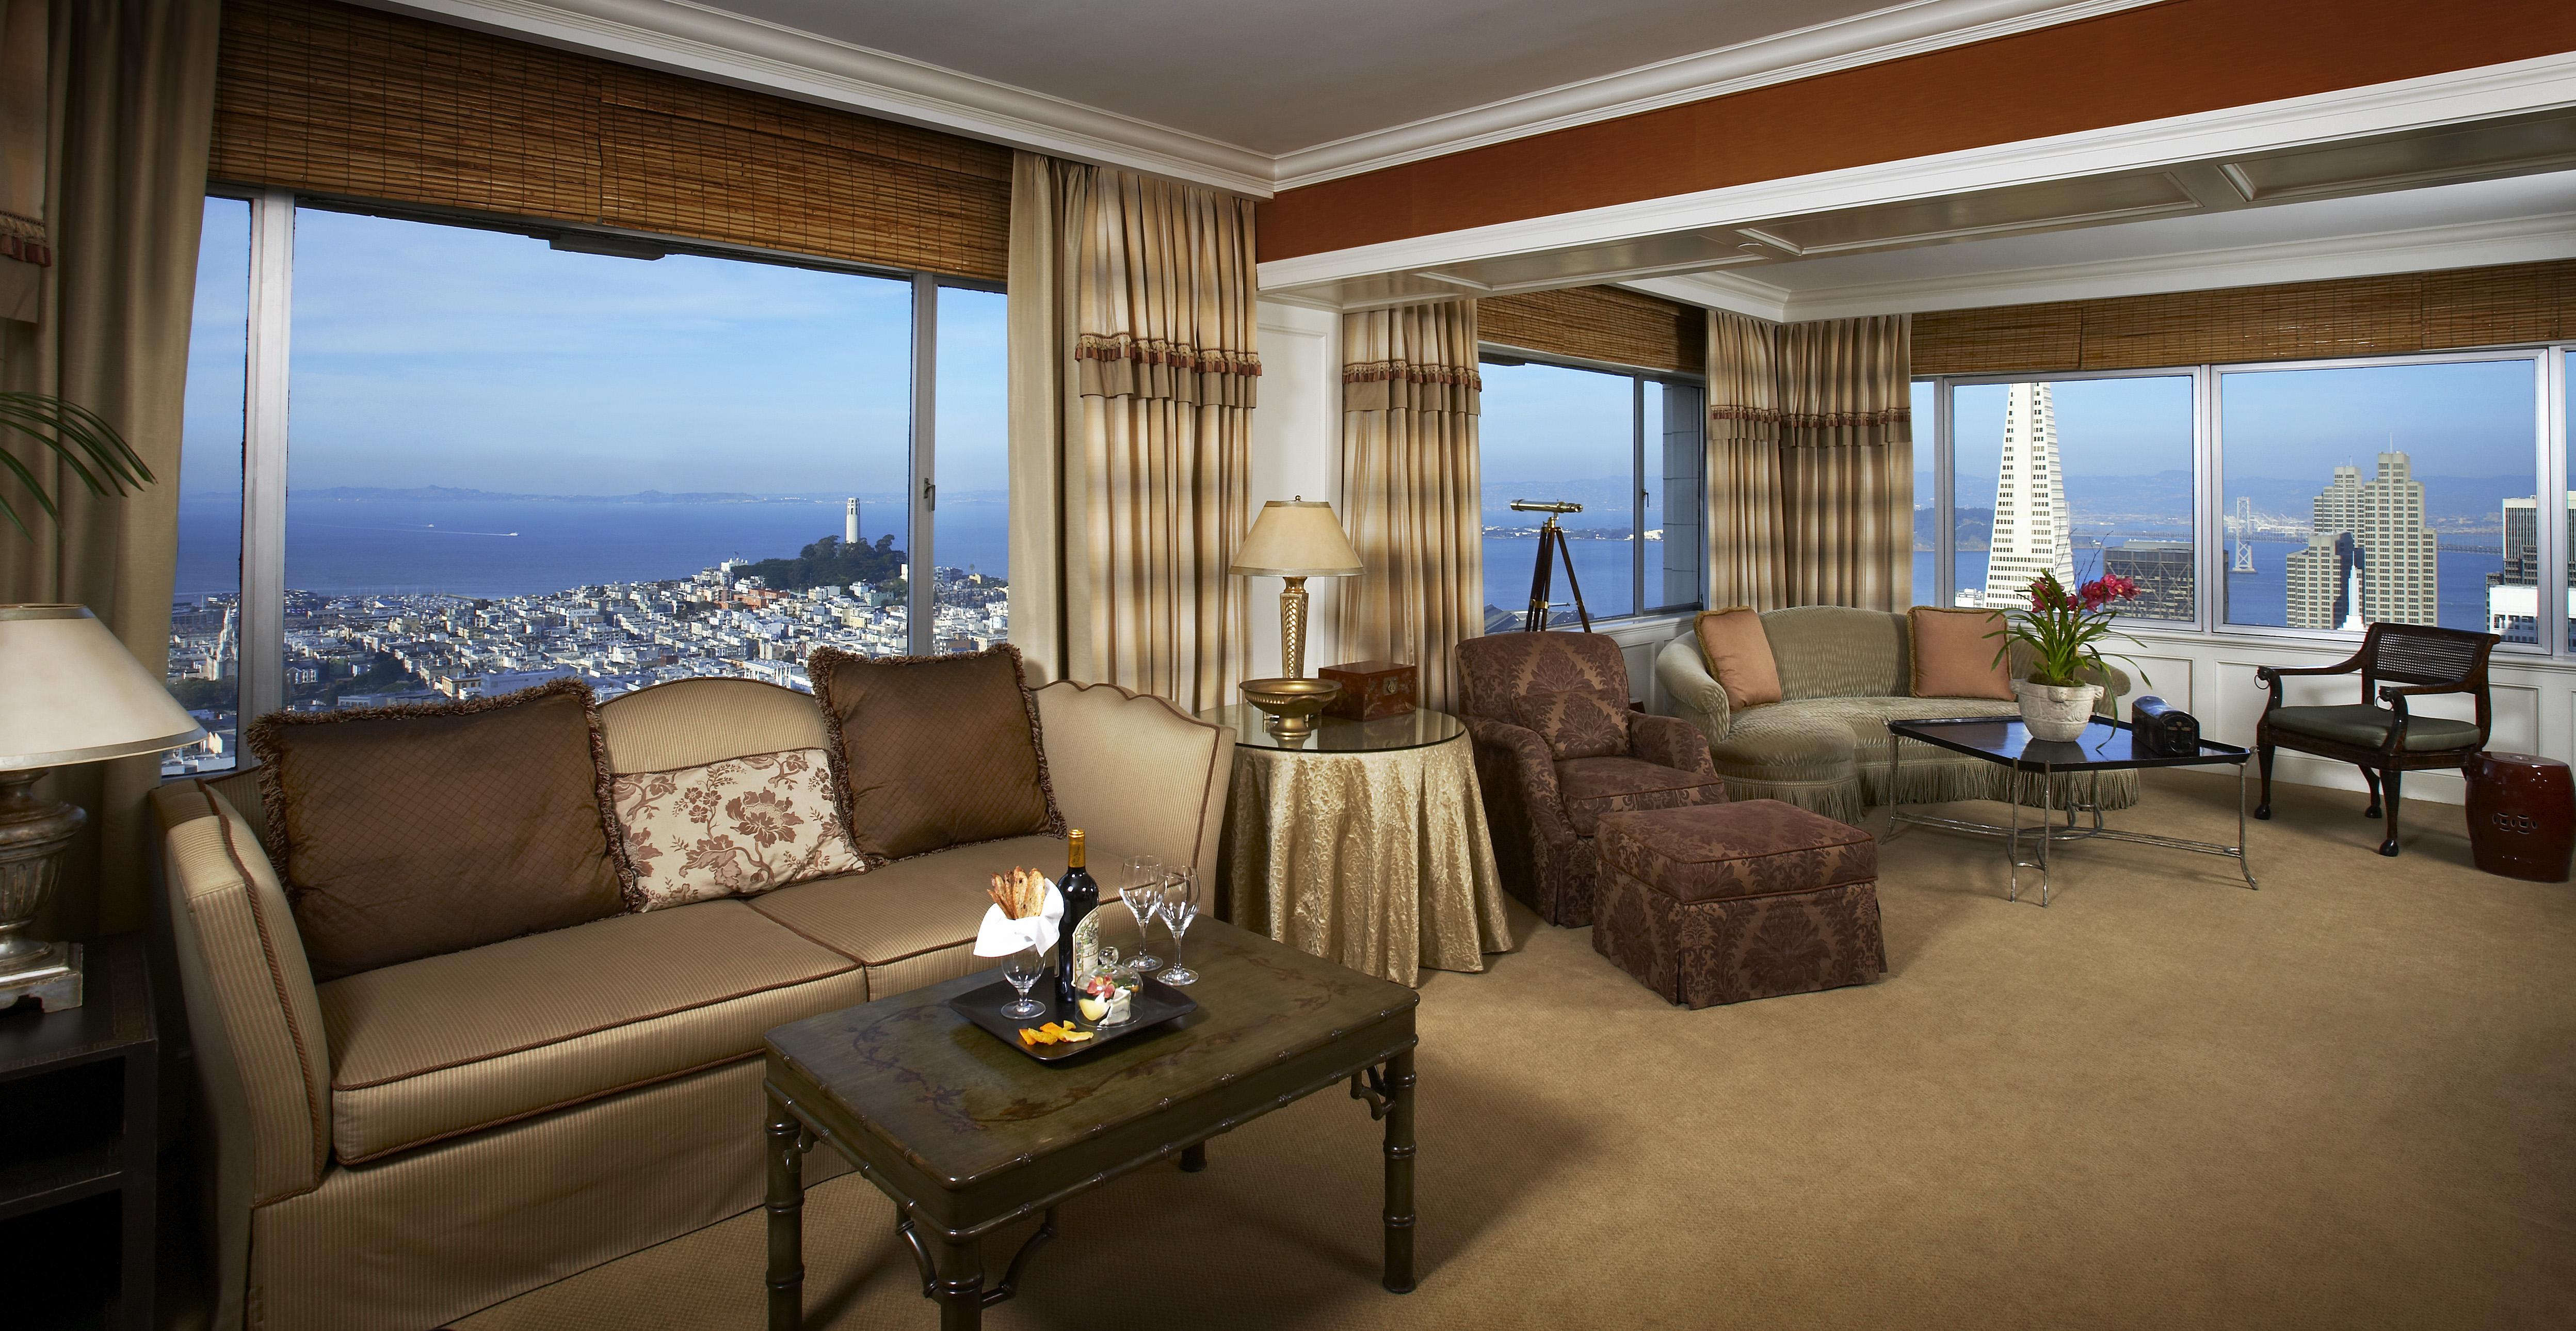 Tony Bennett Suite at Fairmont San Francisco